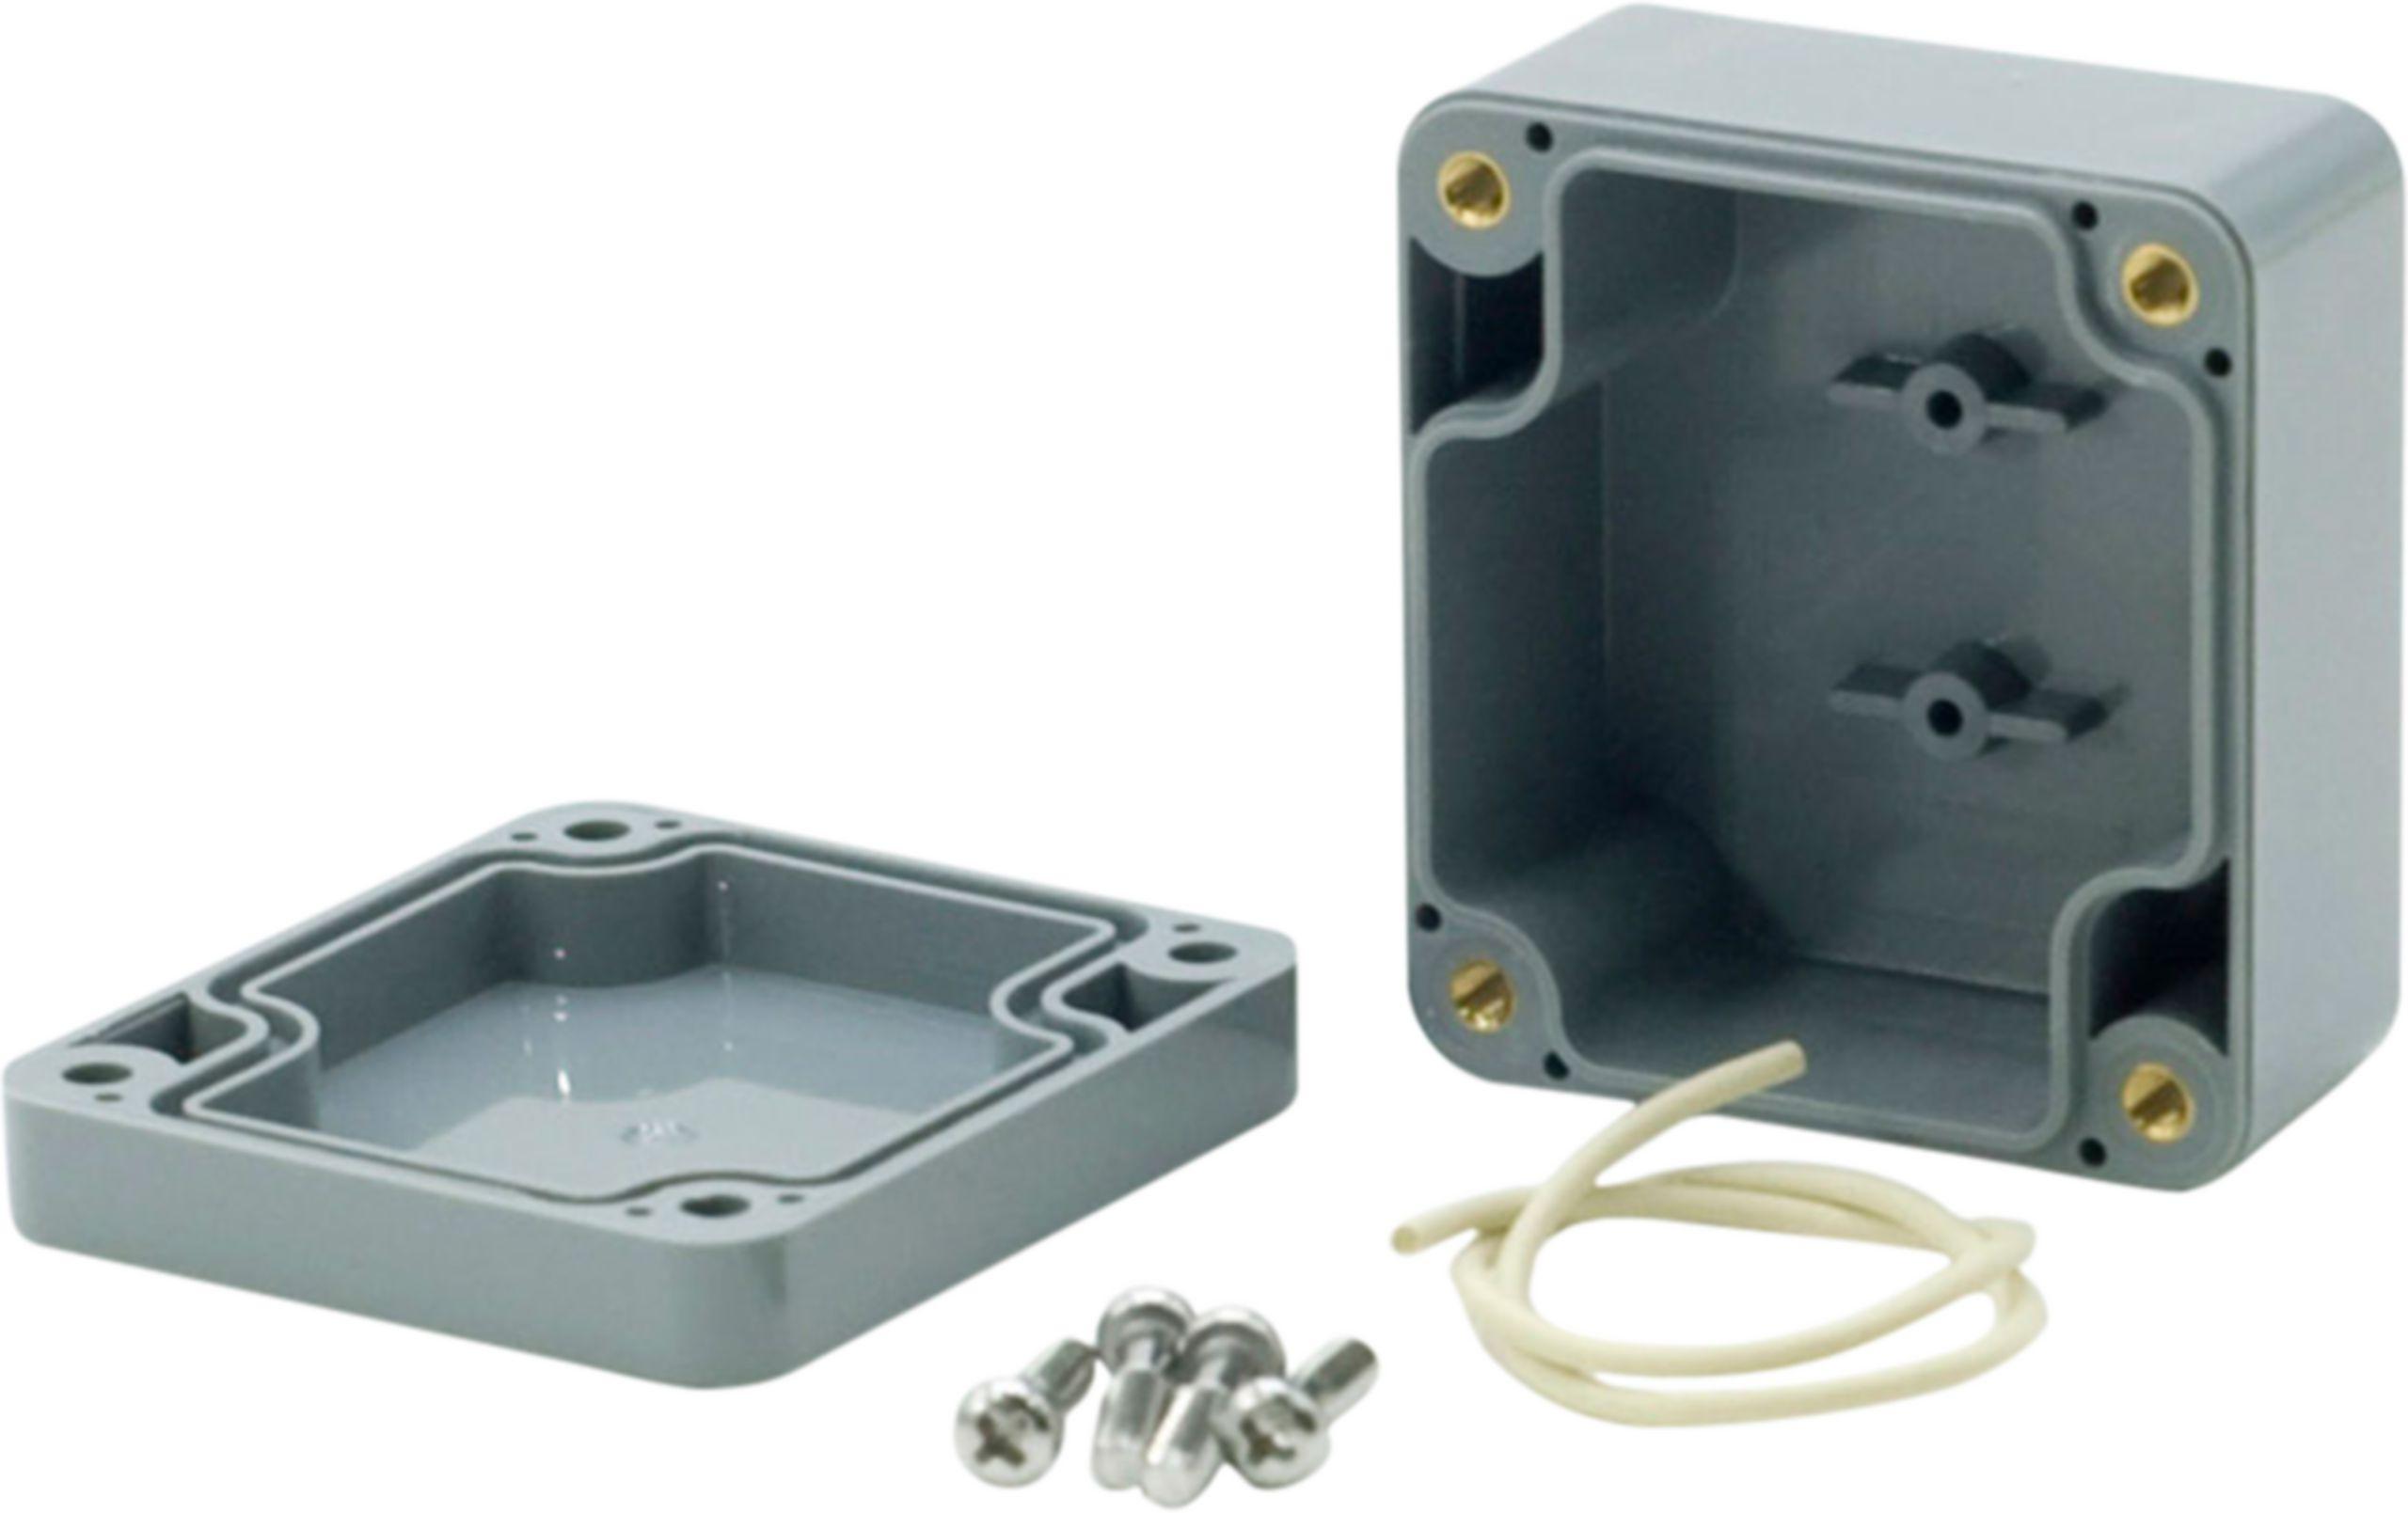 Krabička ABS plast, IP 65, tmavě šedá 171 x 121 x 80 mm